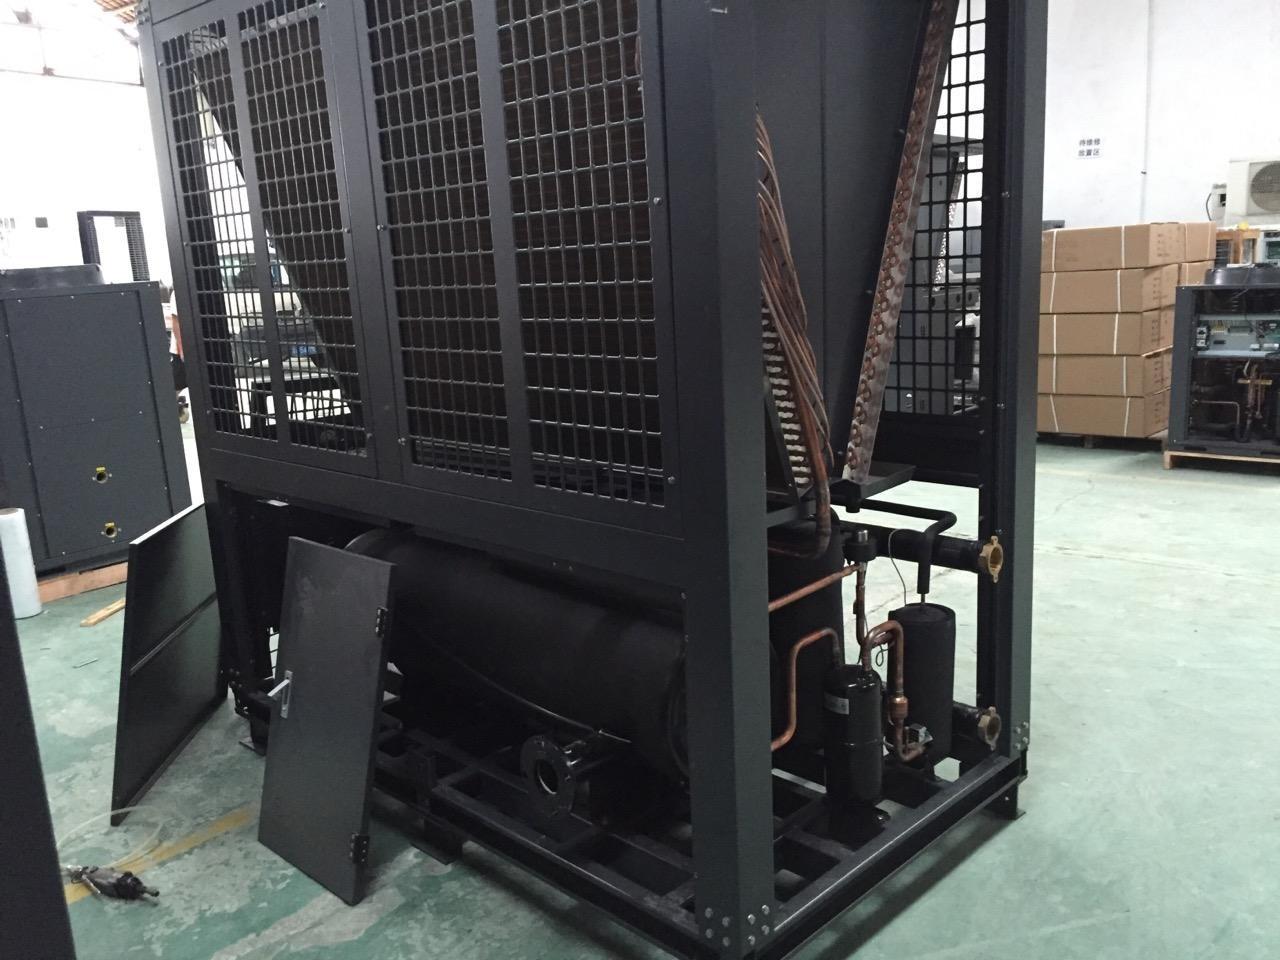 格力空调地暖一体机—格力空调地暖一体机好不好